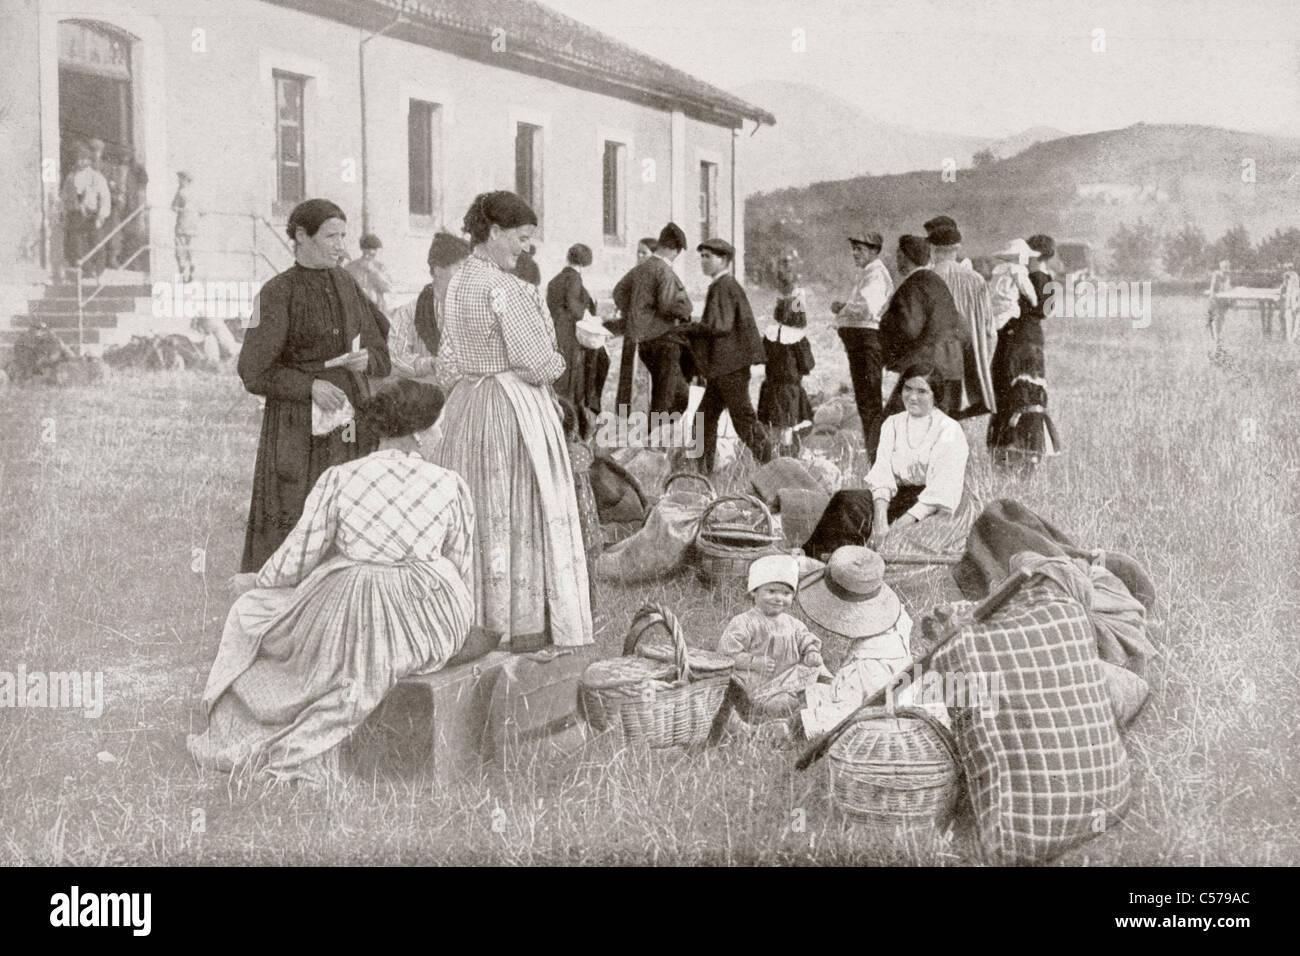 Gruppo di cittadini spagnoli rimpatriati dalla Francia a Irun, Spagna, nel 1914, durante la Prima Guerra Mondiale. Immagini Stock